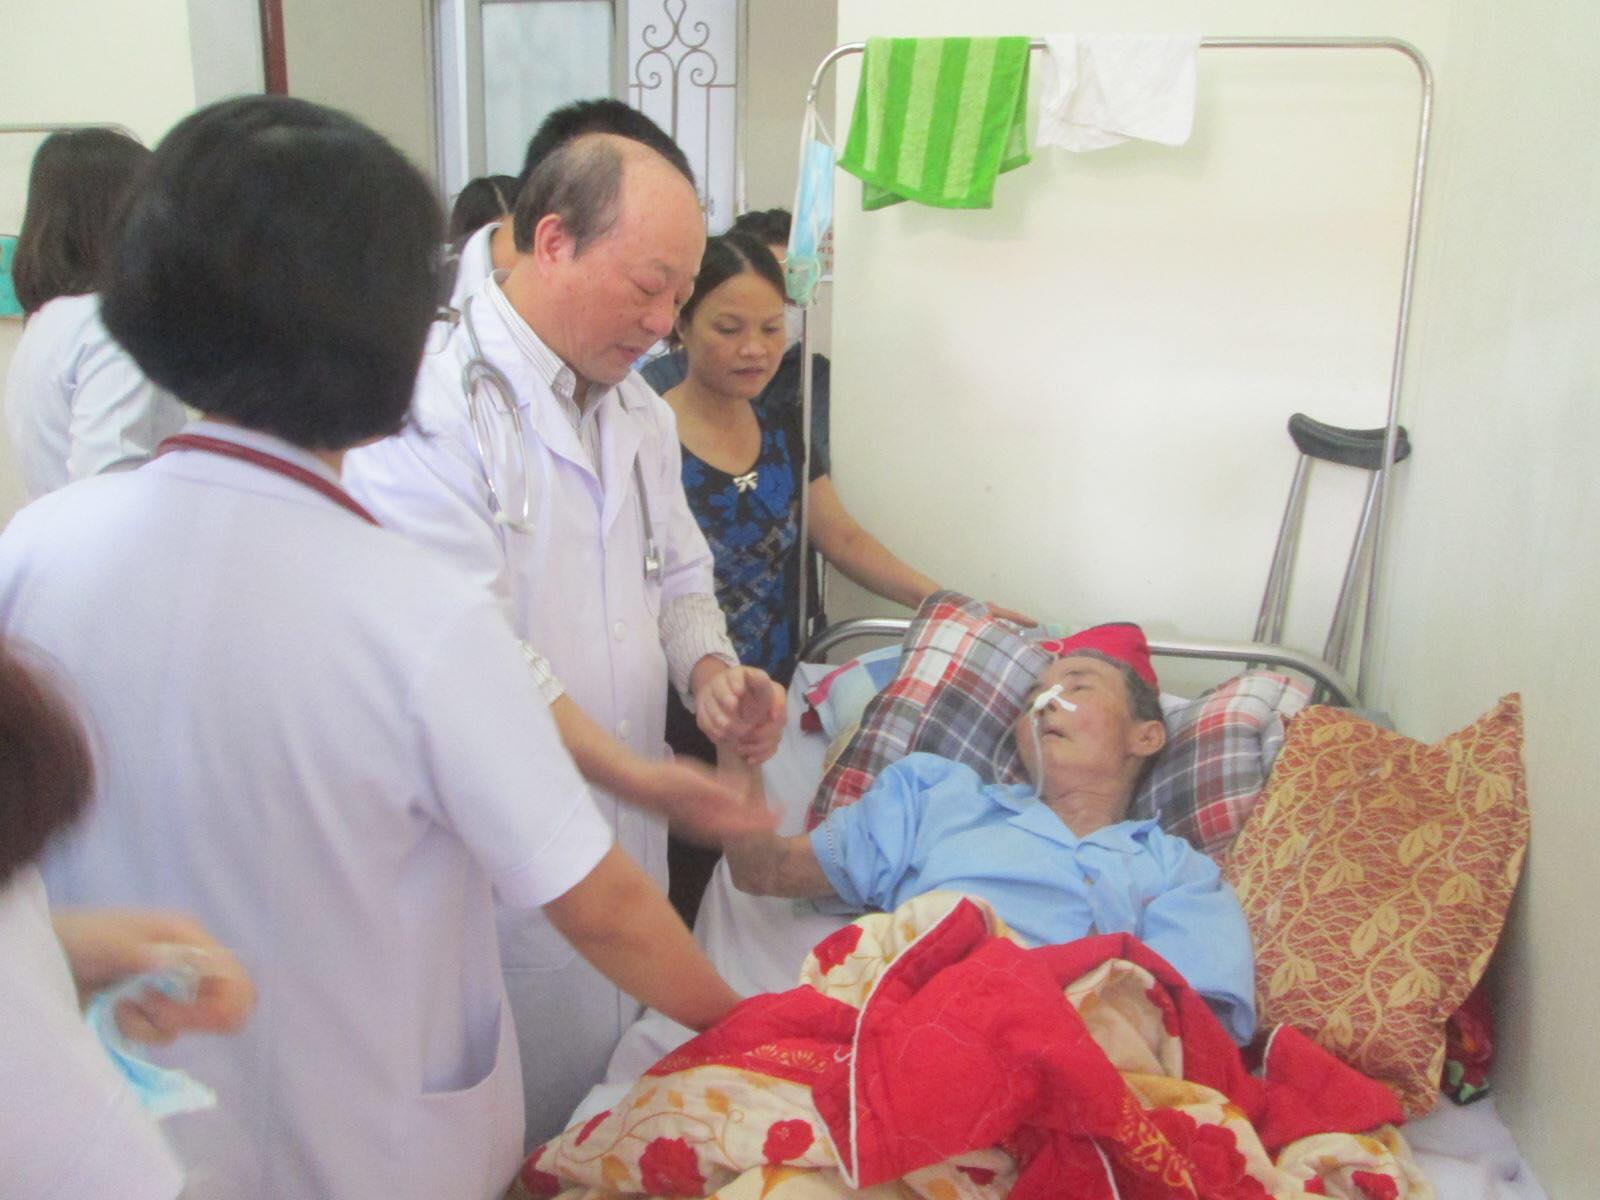 GS- TS Cao Minh Châu, Tổng thư ký Hội PHCN Việt Nam; Nguyên trưởng bộ môn PHCN Đại học Y Hà Nội thường xuyên tham gia khám chữa bệnh tại bệnh viện